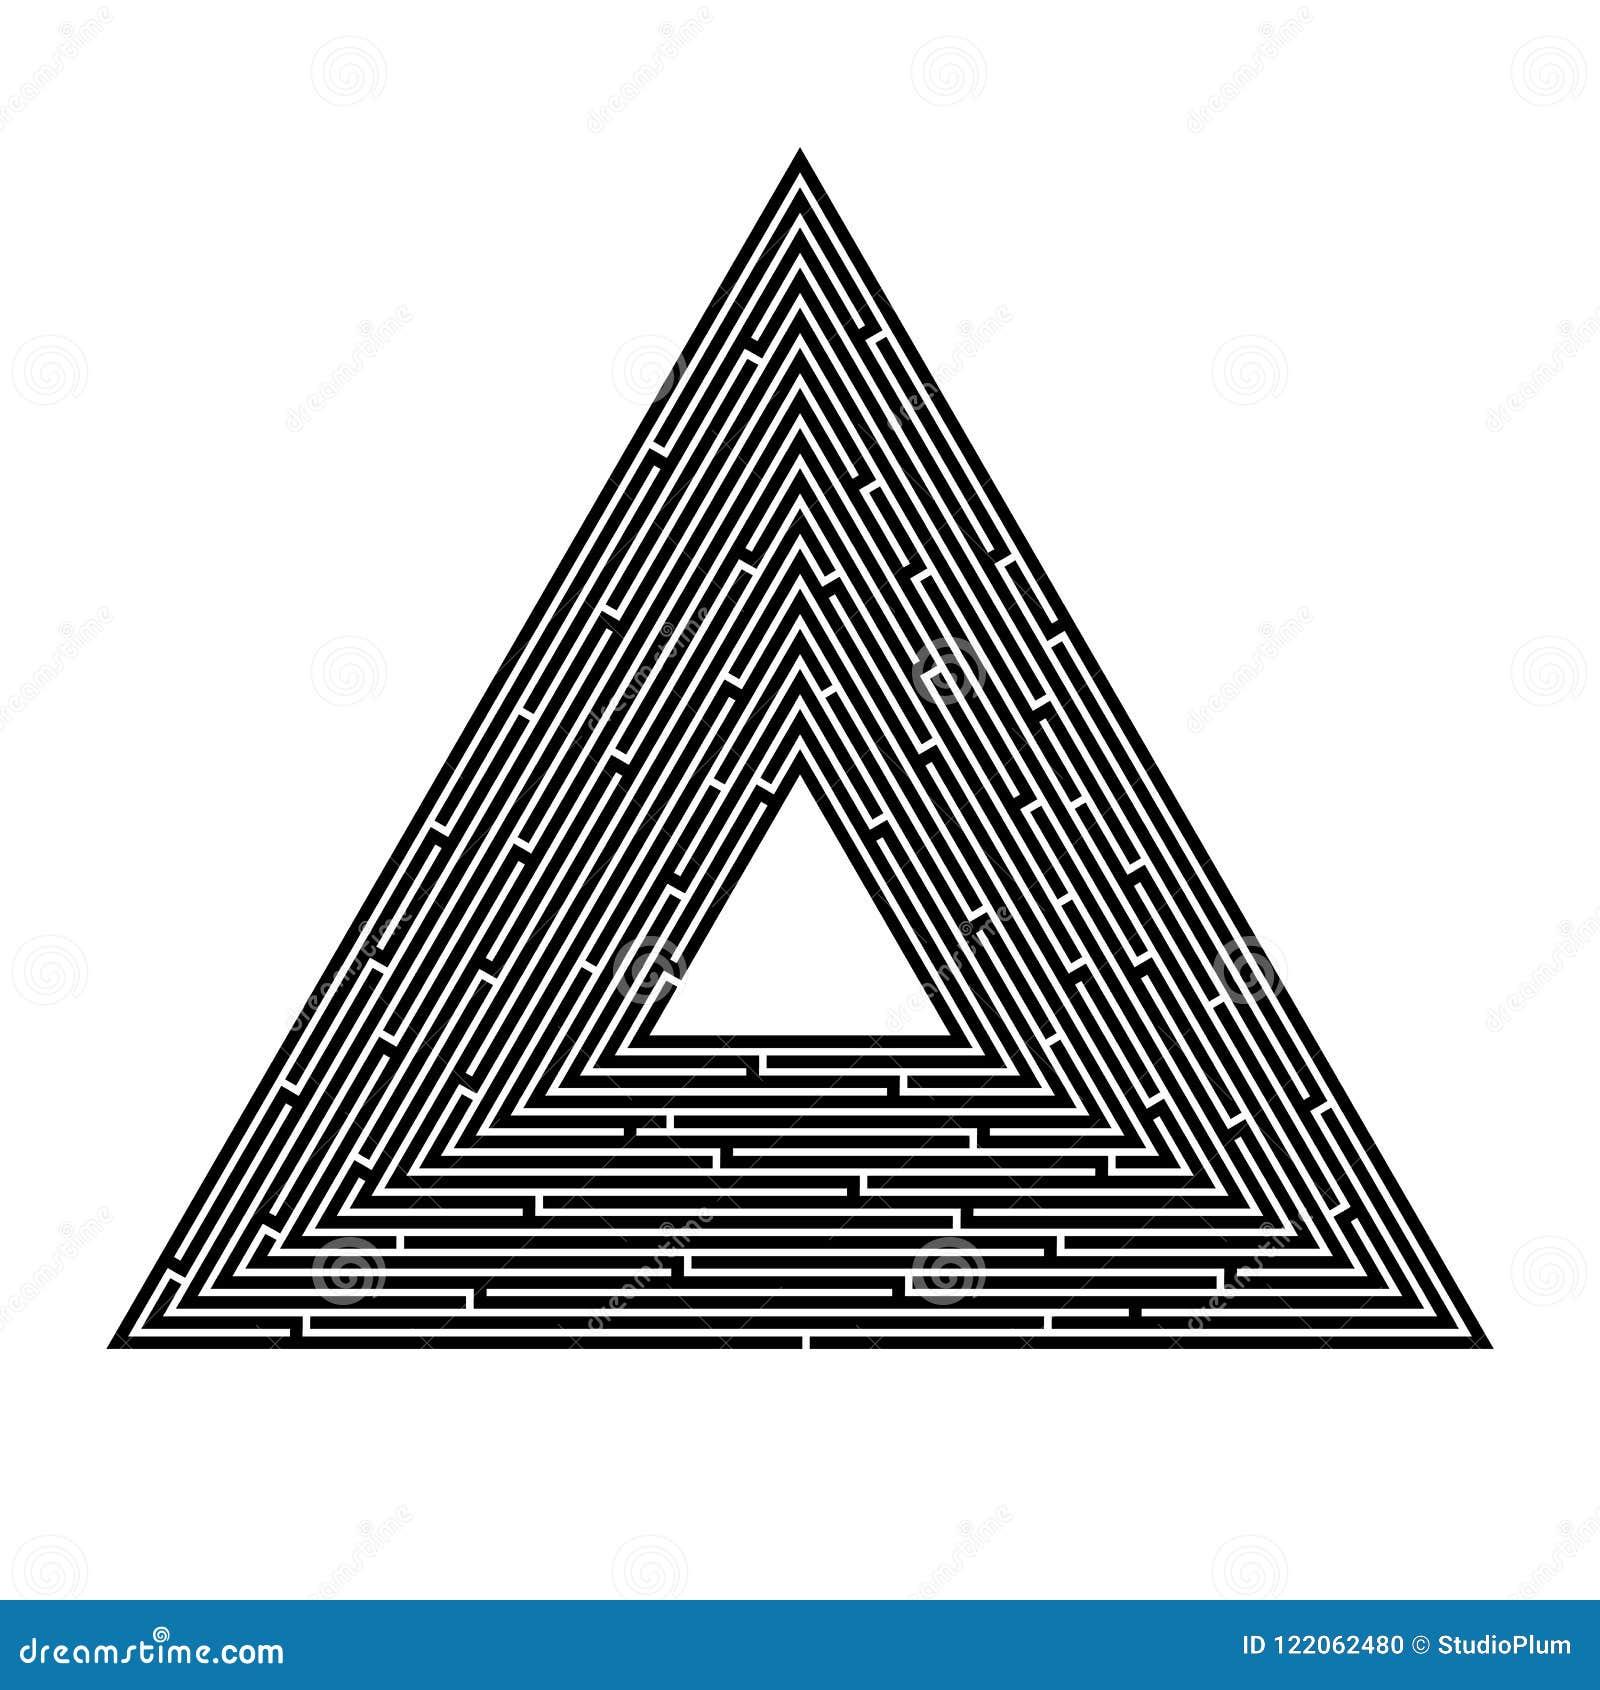 Labirinto triangular em um fundo branco, pirâmide, busca para uma saída, solução